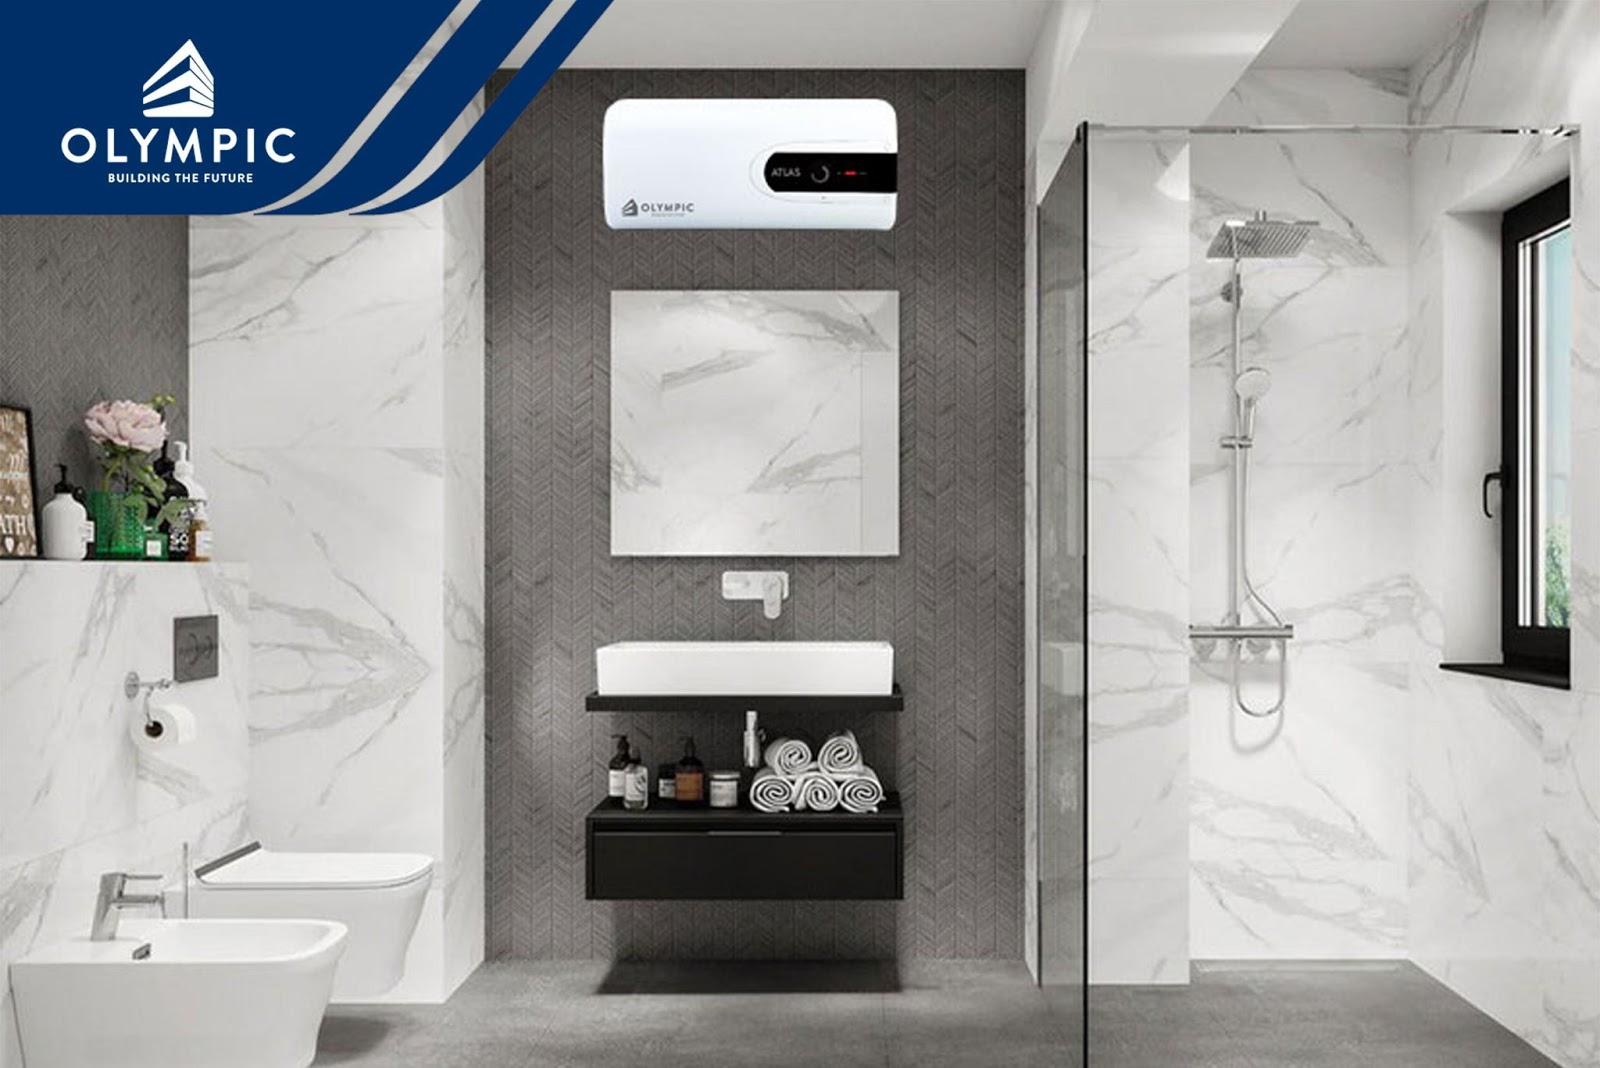 Gương và kính làm ăn gian diện tích phòng tắm